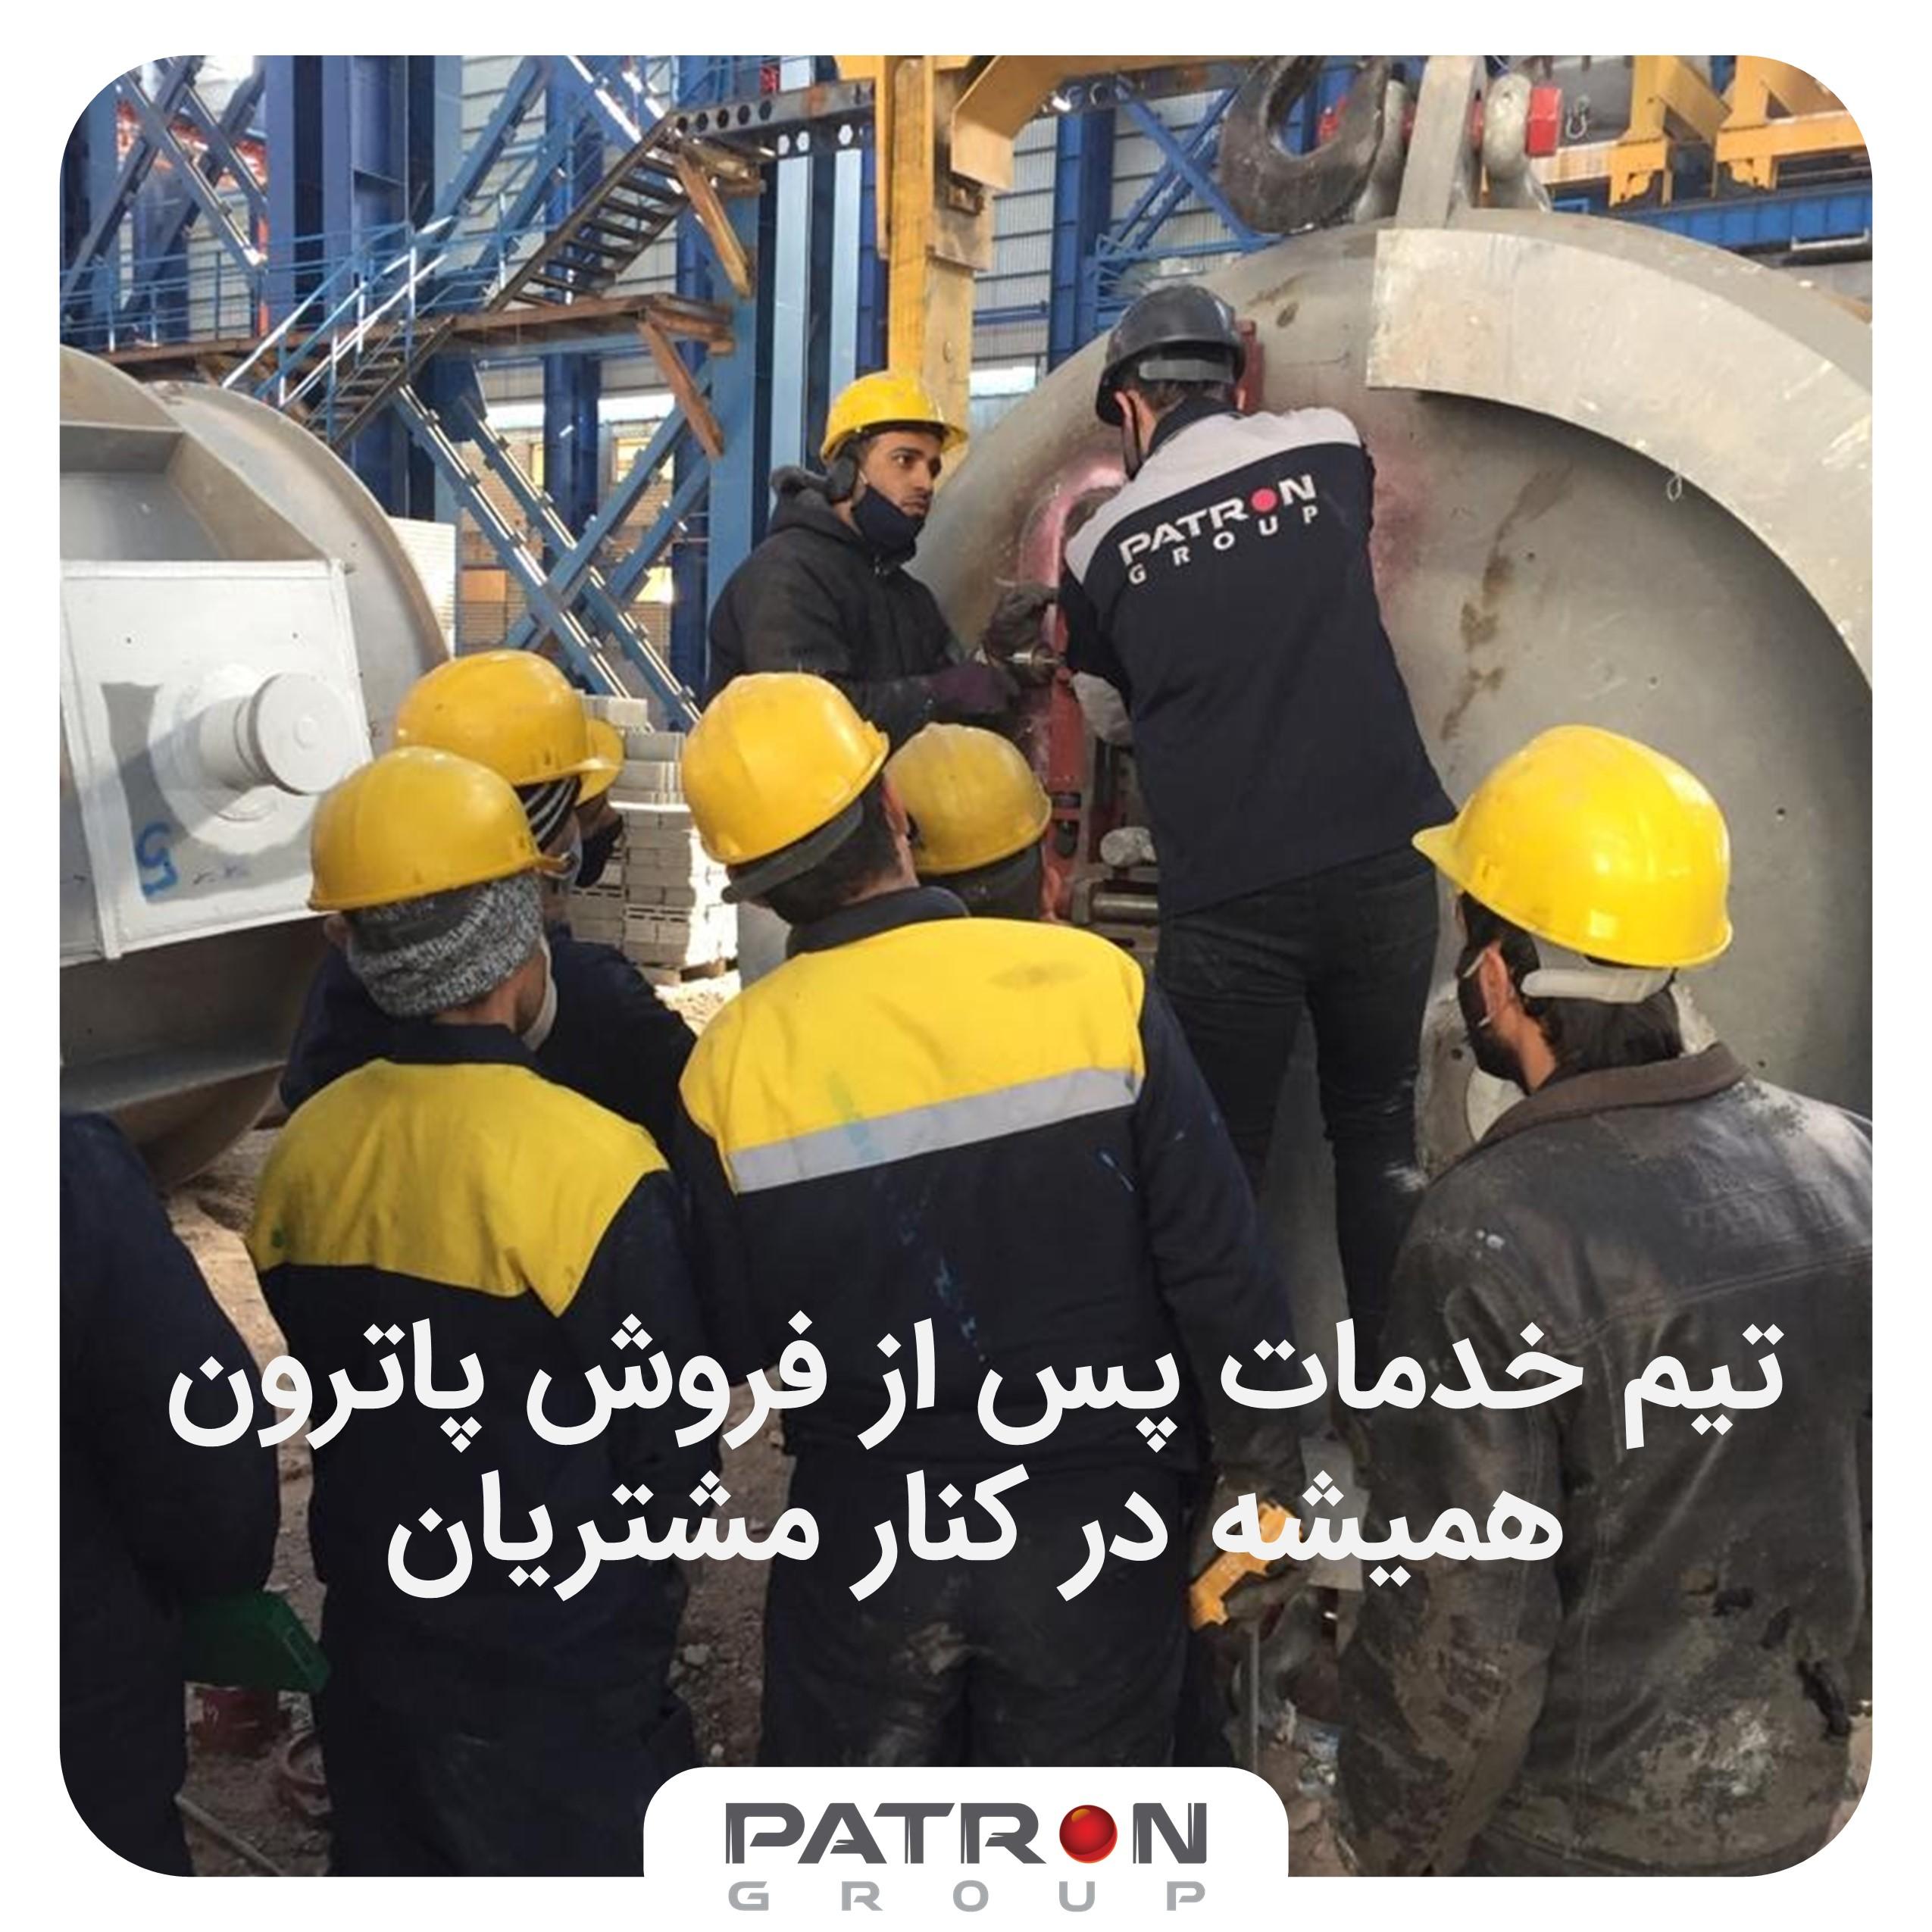 تیم خدمات پس از فروش پاترون، همیشه در کنار مشتریان